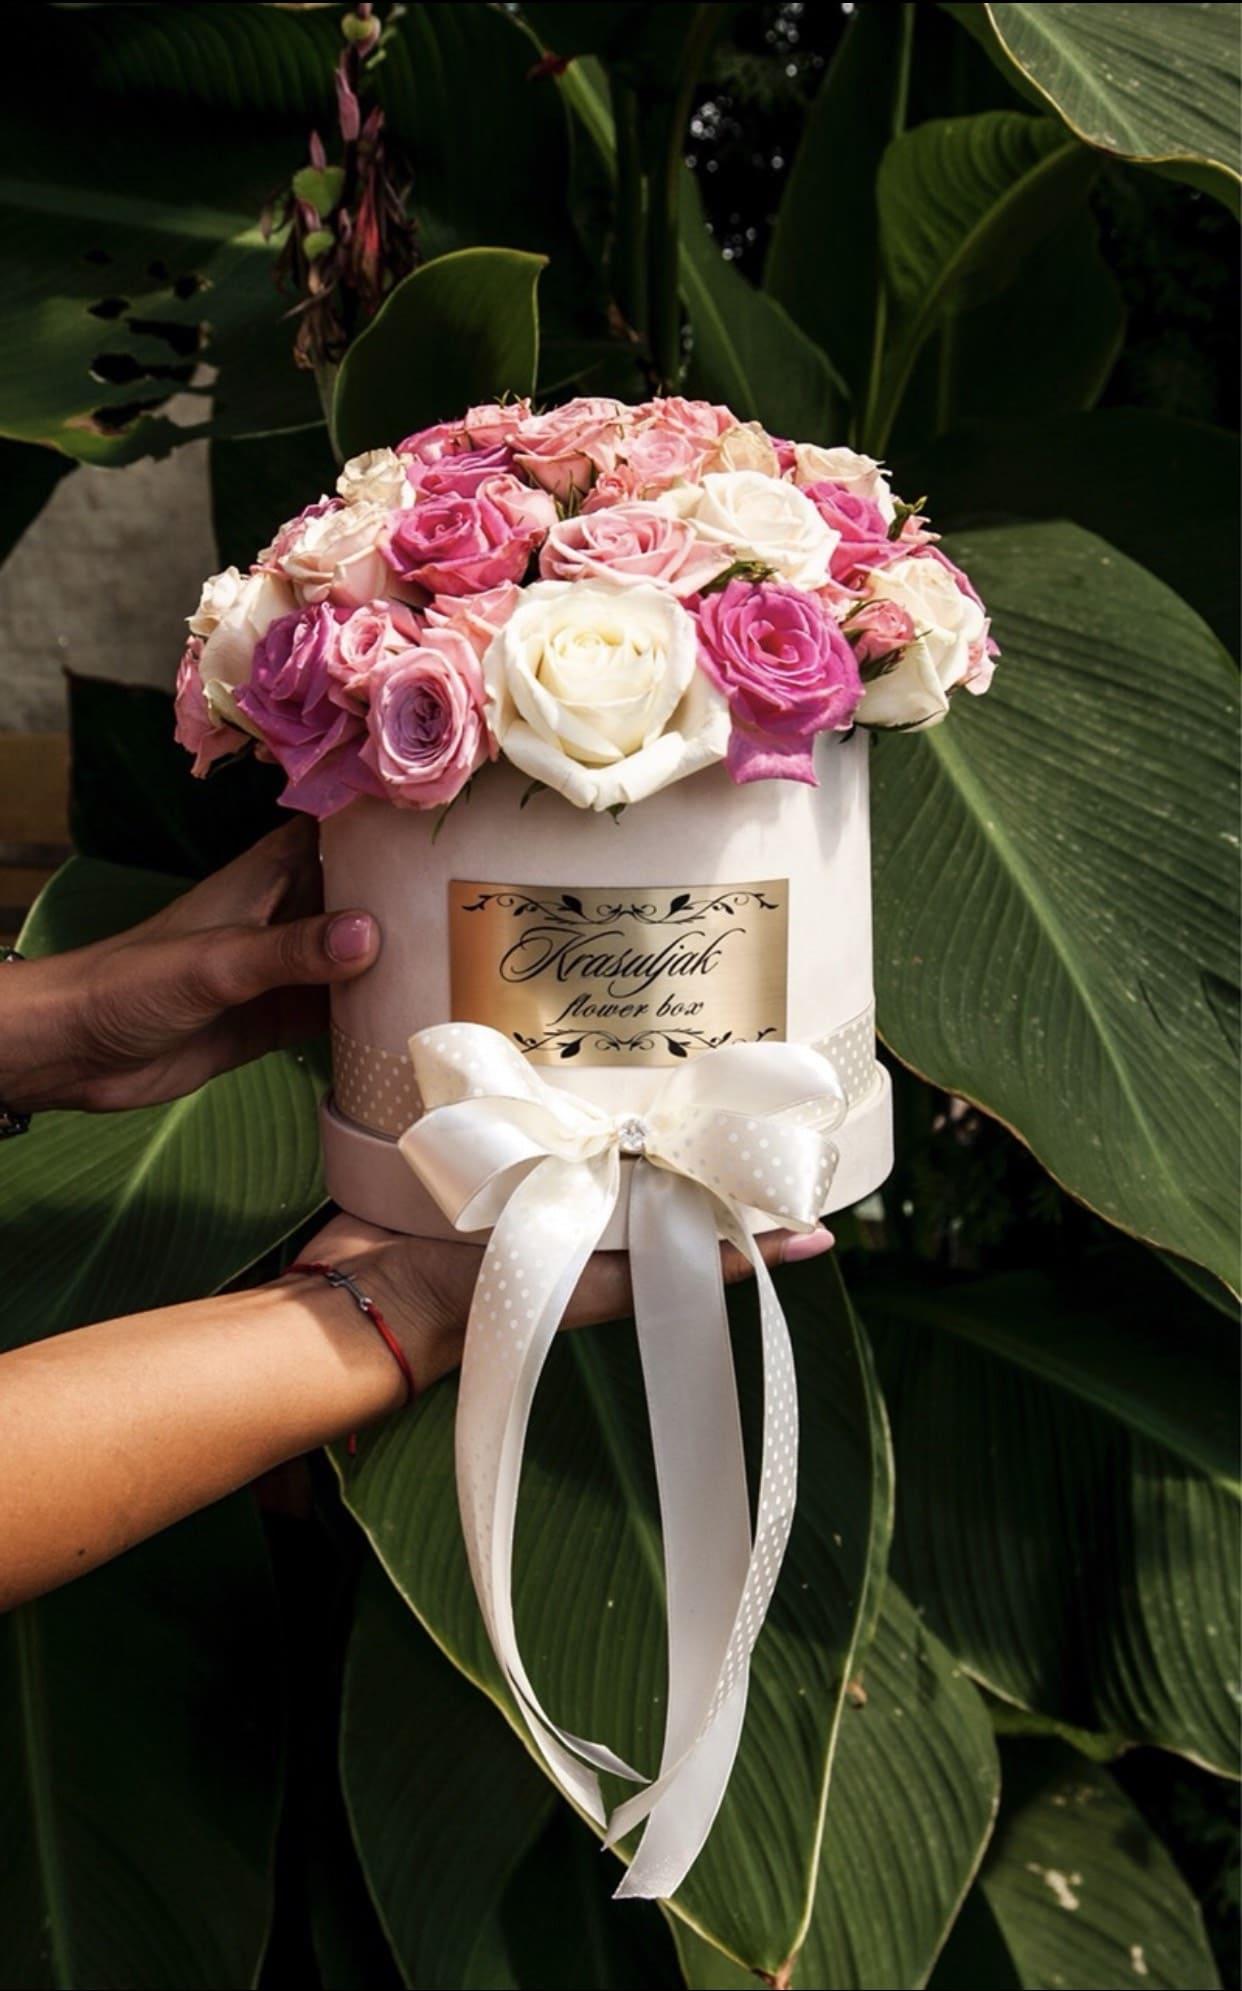 Krem kutija sa rozim i belim ruzama